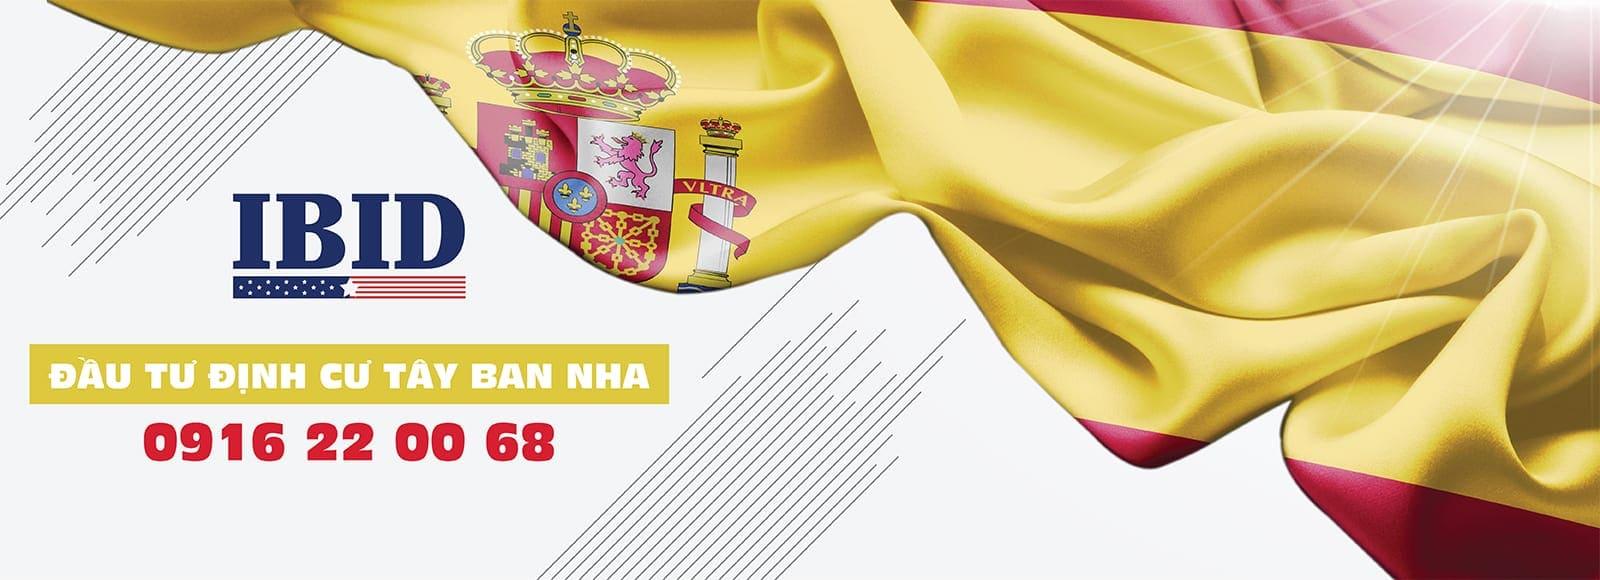 Chương trình Golden Visa - Quốc tịch Tây Ban Nha